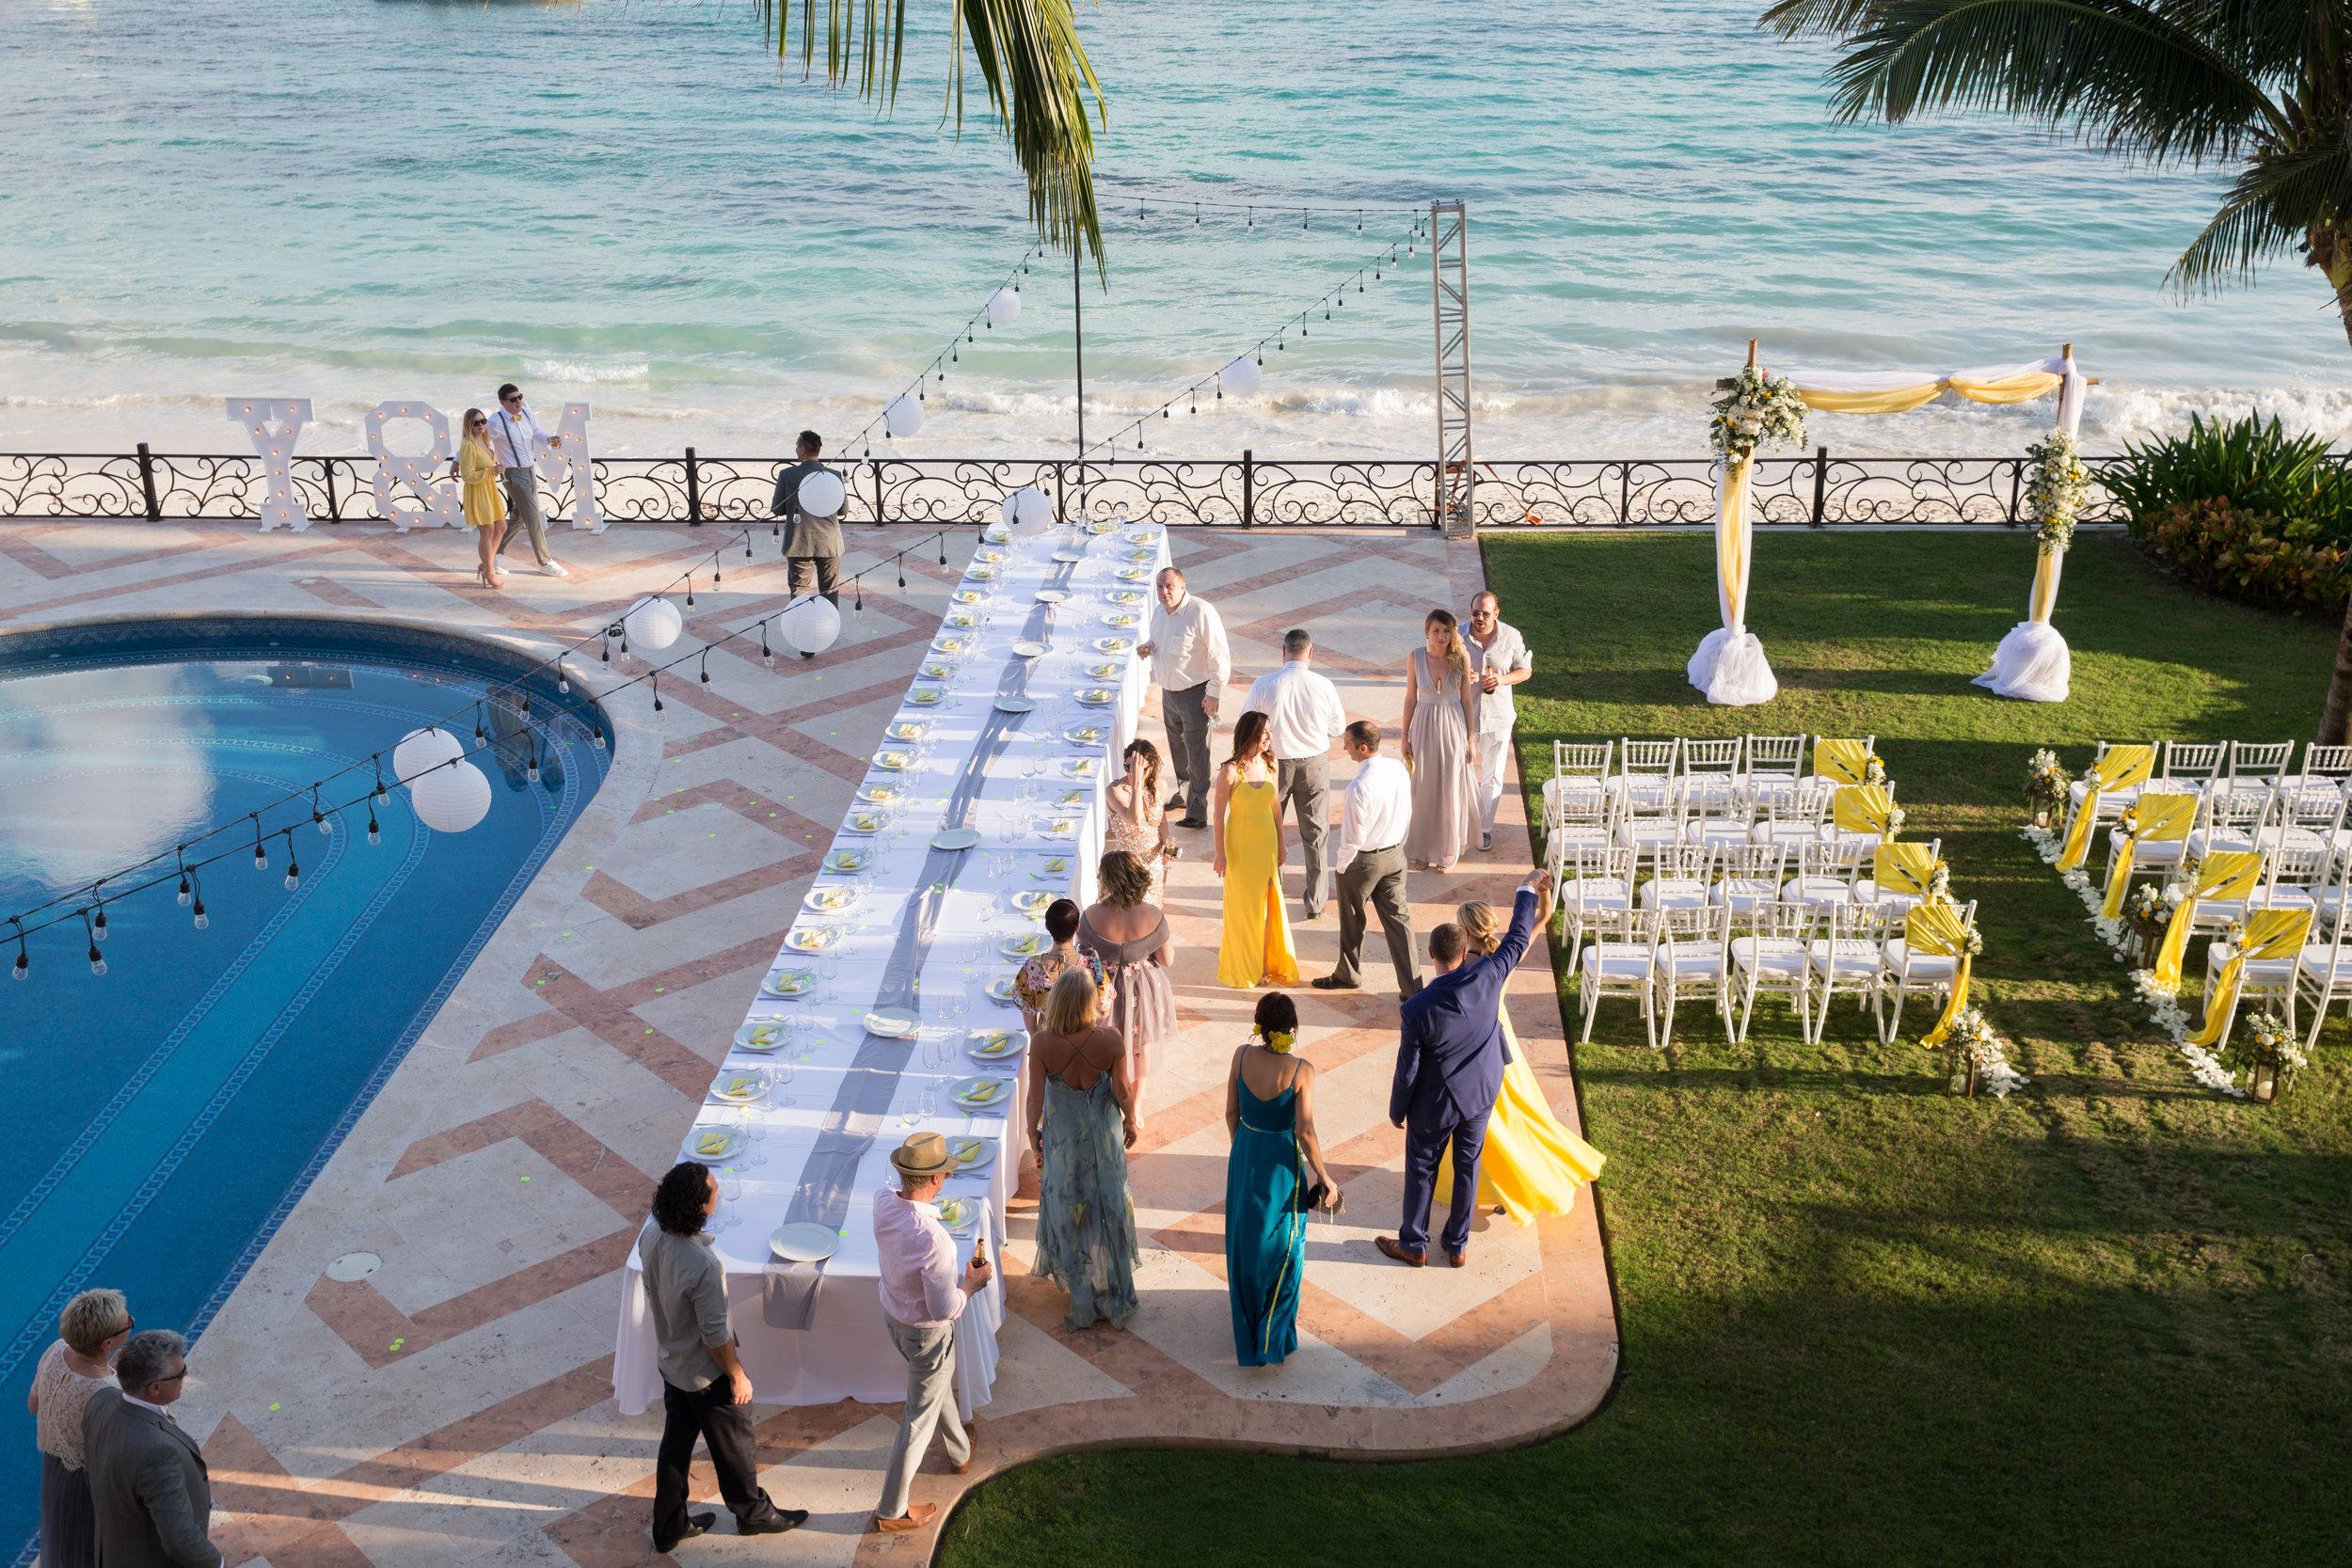 destination-wedding-venue-villa-la-joya-24.jpg